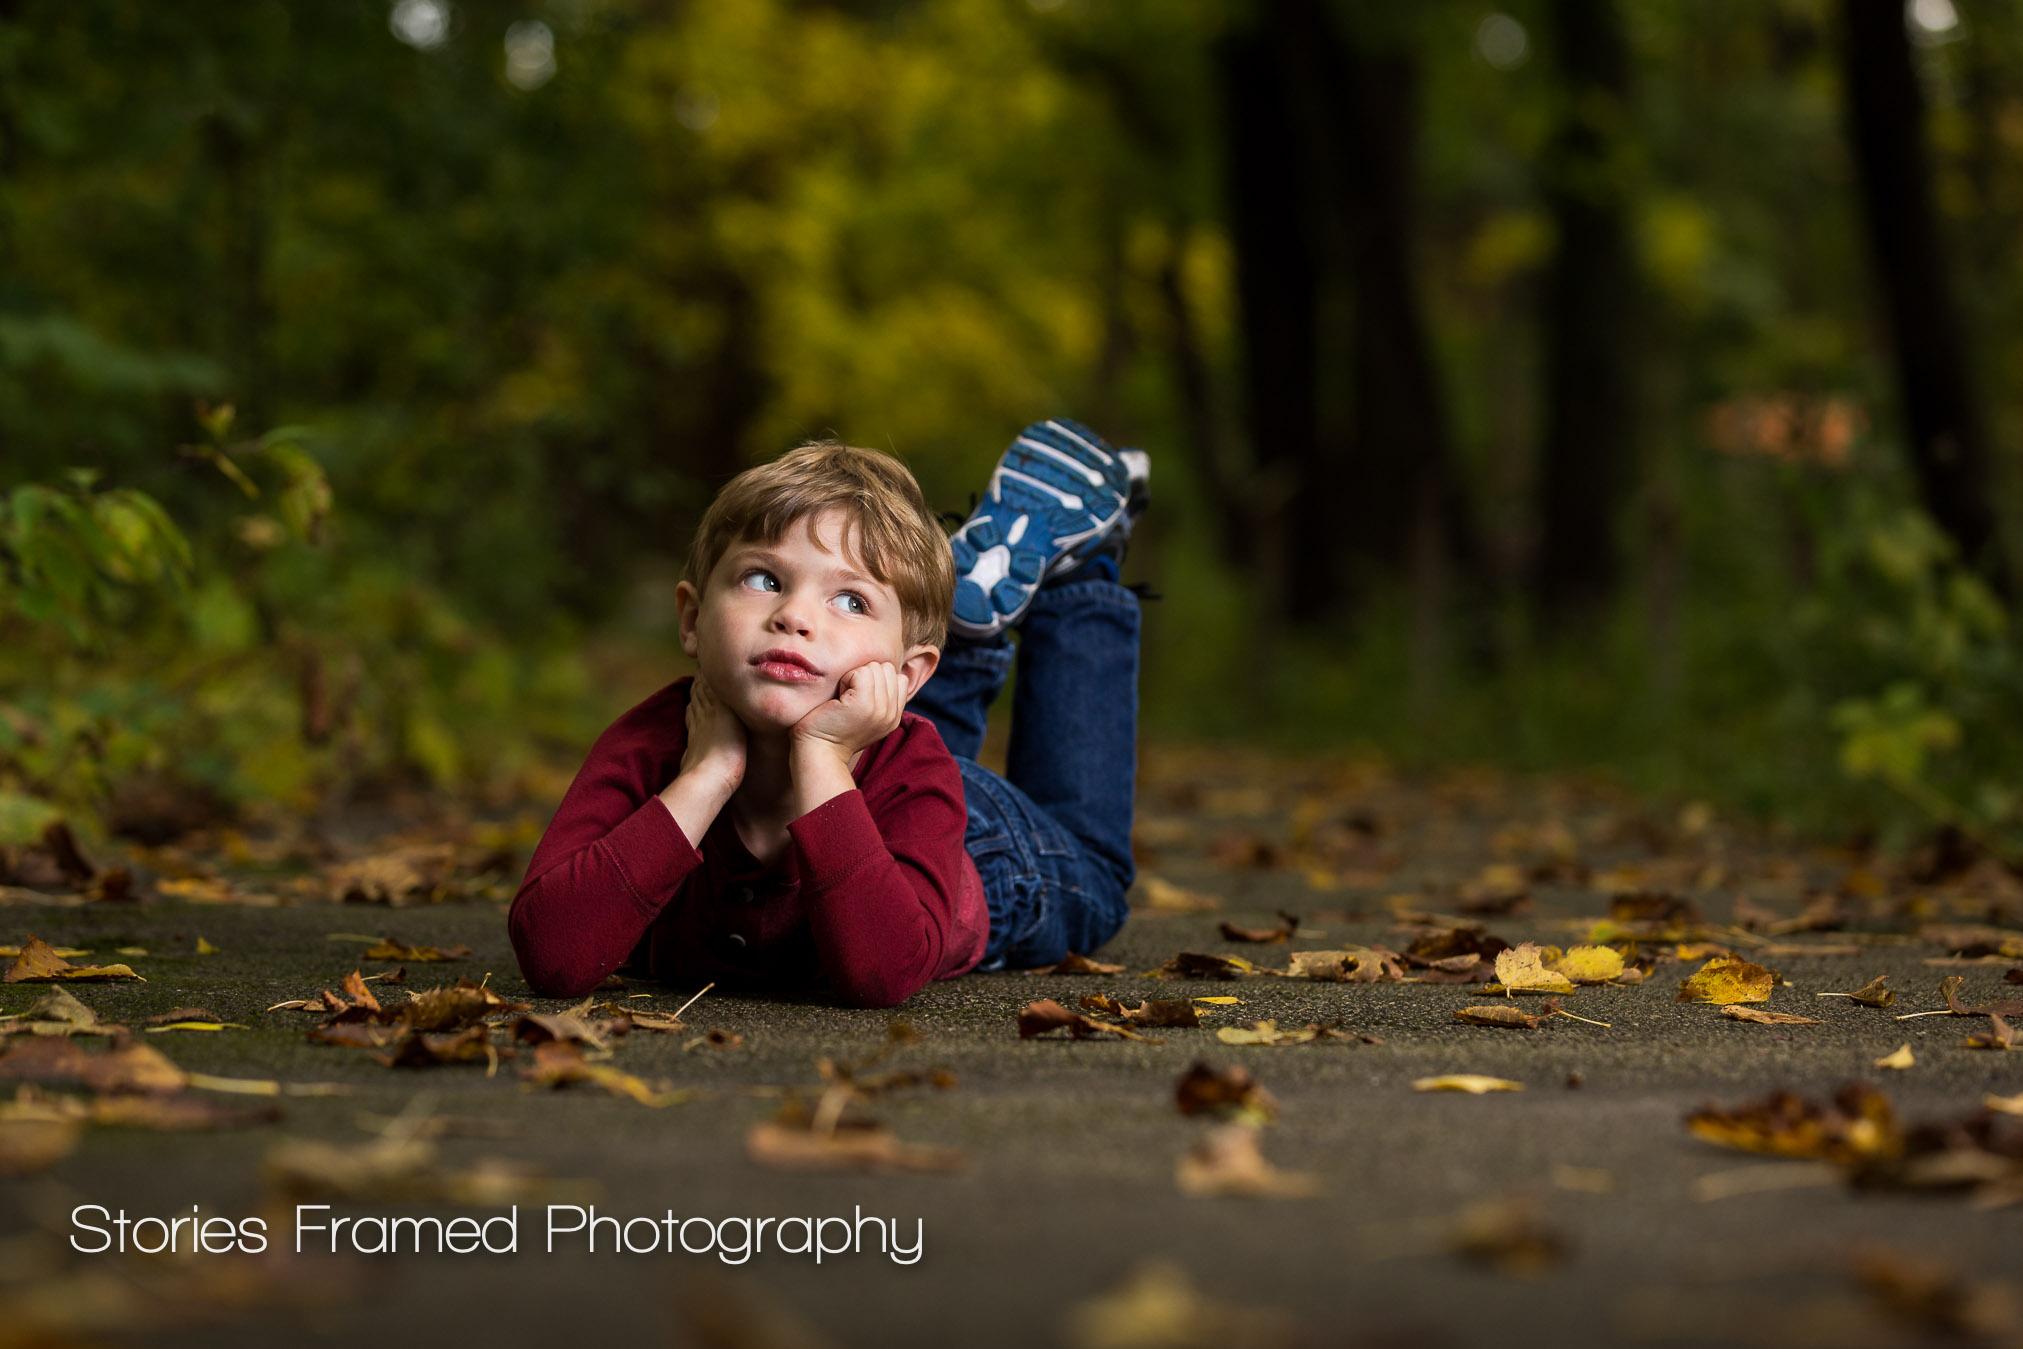 Sneak Peek Boy in Park Fall Photos